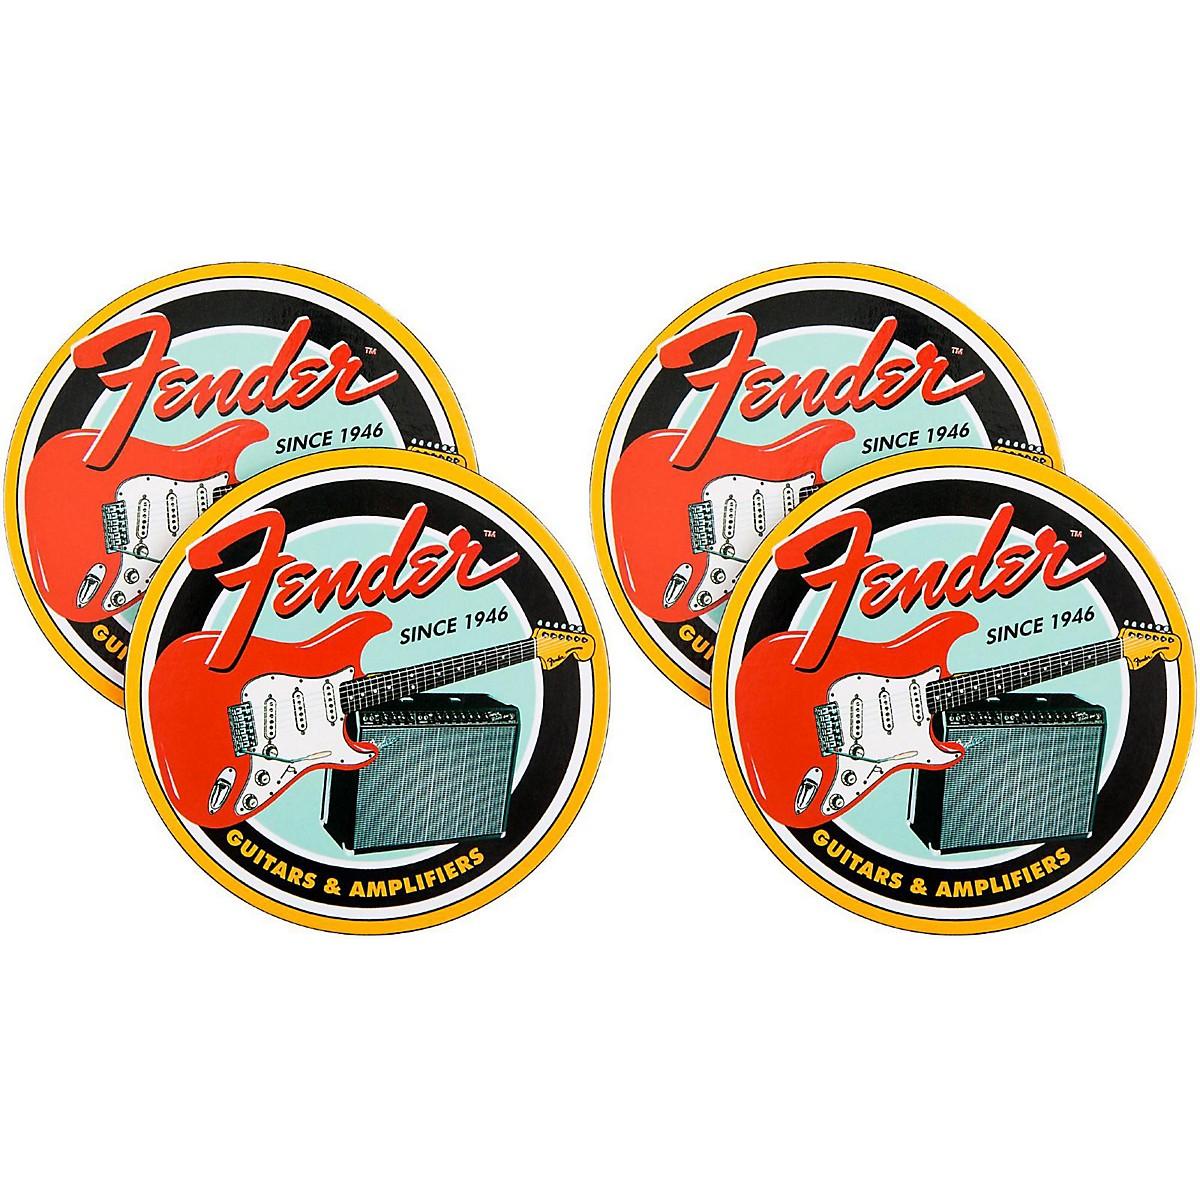 Fender Vintage Guitar & Amp Coaster 4 Pack